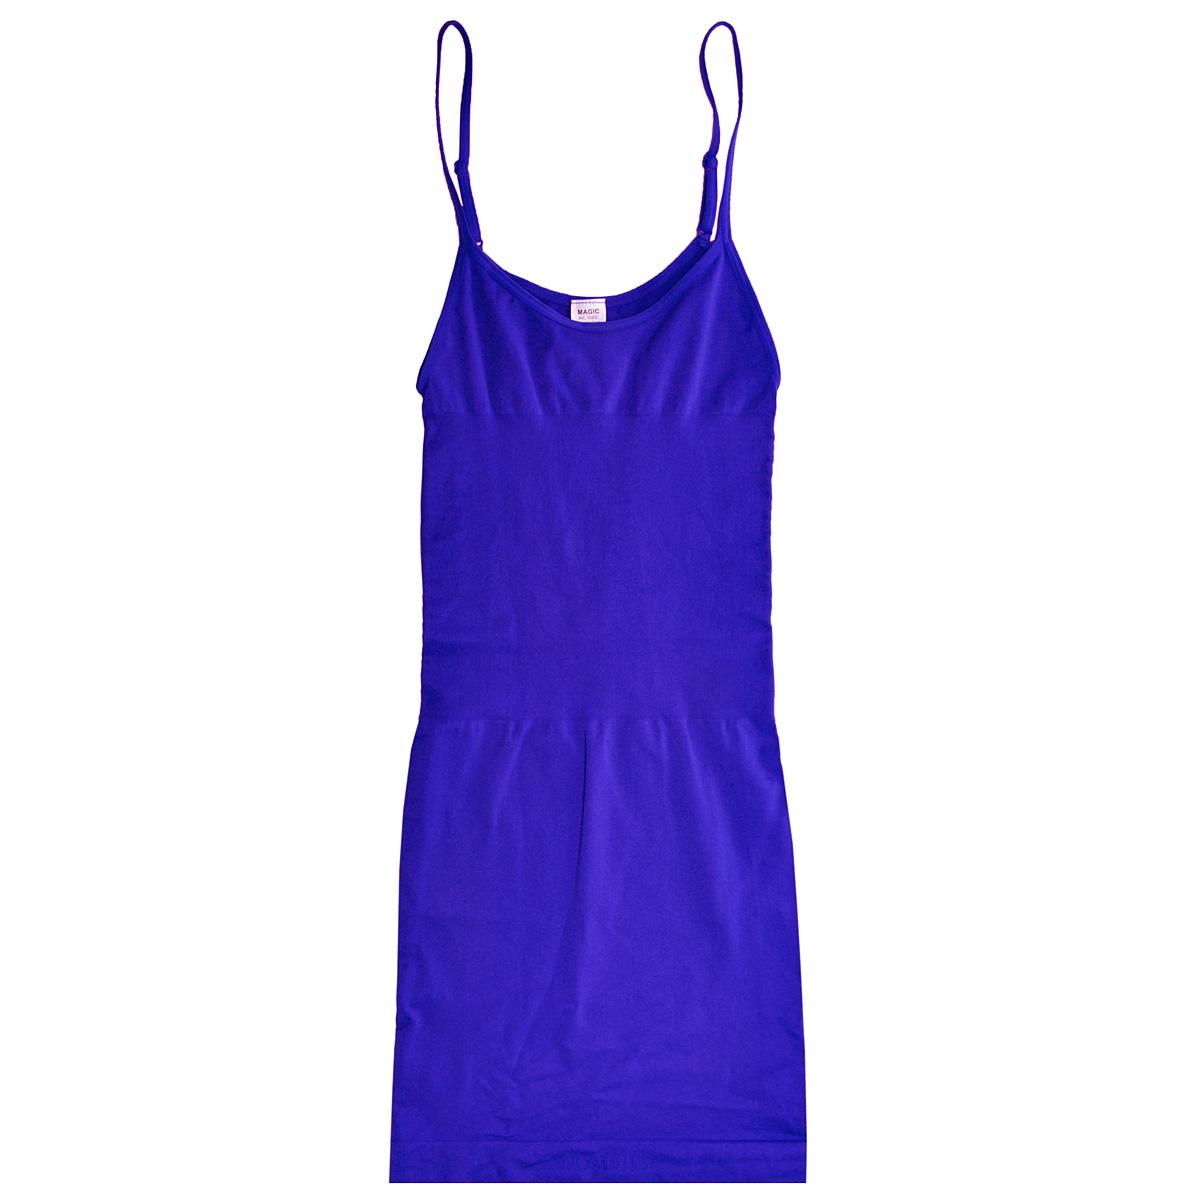 15BDБесшовное корректирующее платье Magic BodyFashion Seamless Dress на тонких регулируемых бретелях очень удобное и комфортное в носке. Модель уменьшает живот и бедра, заметно корректирует объемы. Платье придаст вашему телу идеальные формы: сделает грудь и ягодицы подтянутыми, талию - стройной, а осанку - прямой. Функциональный покрой заметно подтягивает и моделирует фигуру, скрывая ее недостатки. Крой платья необычен, благодаря чему его невозможно заметить под любой одеждой, оно практически не ощущается на коже, позволяет чувствовать себя комфортно и легко. Изделие позволяет приобрести выразительные линии своего тела за считанные секунды (можно скрыть все лишнее и придать объем там, где необходимо). Белье Magic BodyFashion создано для тех, кто стремится к безупречности своего стиля. Именно благодаря ему огромное количество женщин чувствуют себя поистине соблазнительными, привлекательными и не на шутку уверенными в себе.